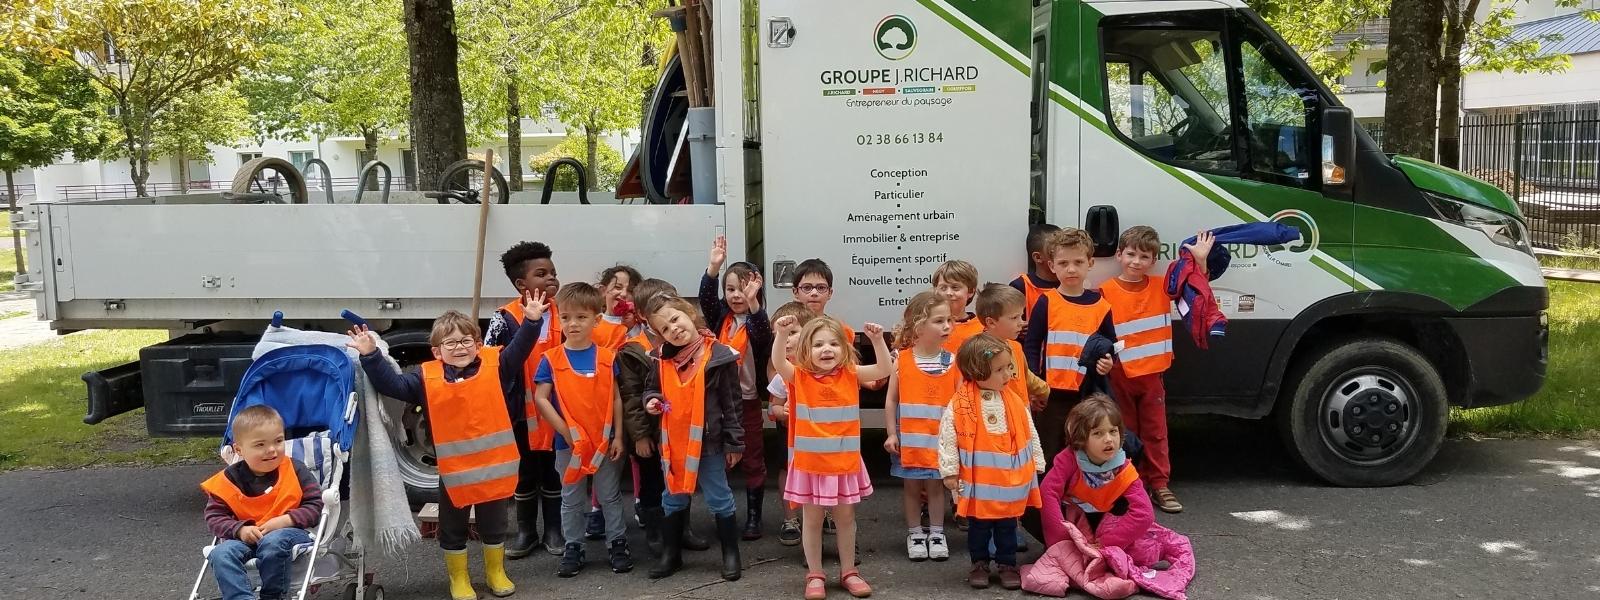 Les enfants de l'école Le Renard et La Rose devant le camion J.Richard Paysage avant le lancement des travaux d'aménagement de leur cour de récréation